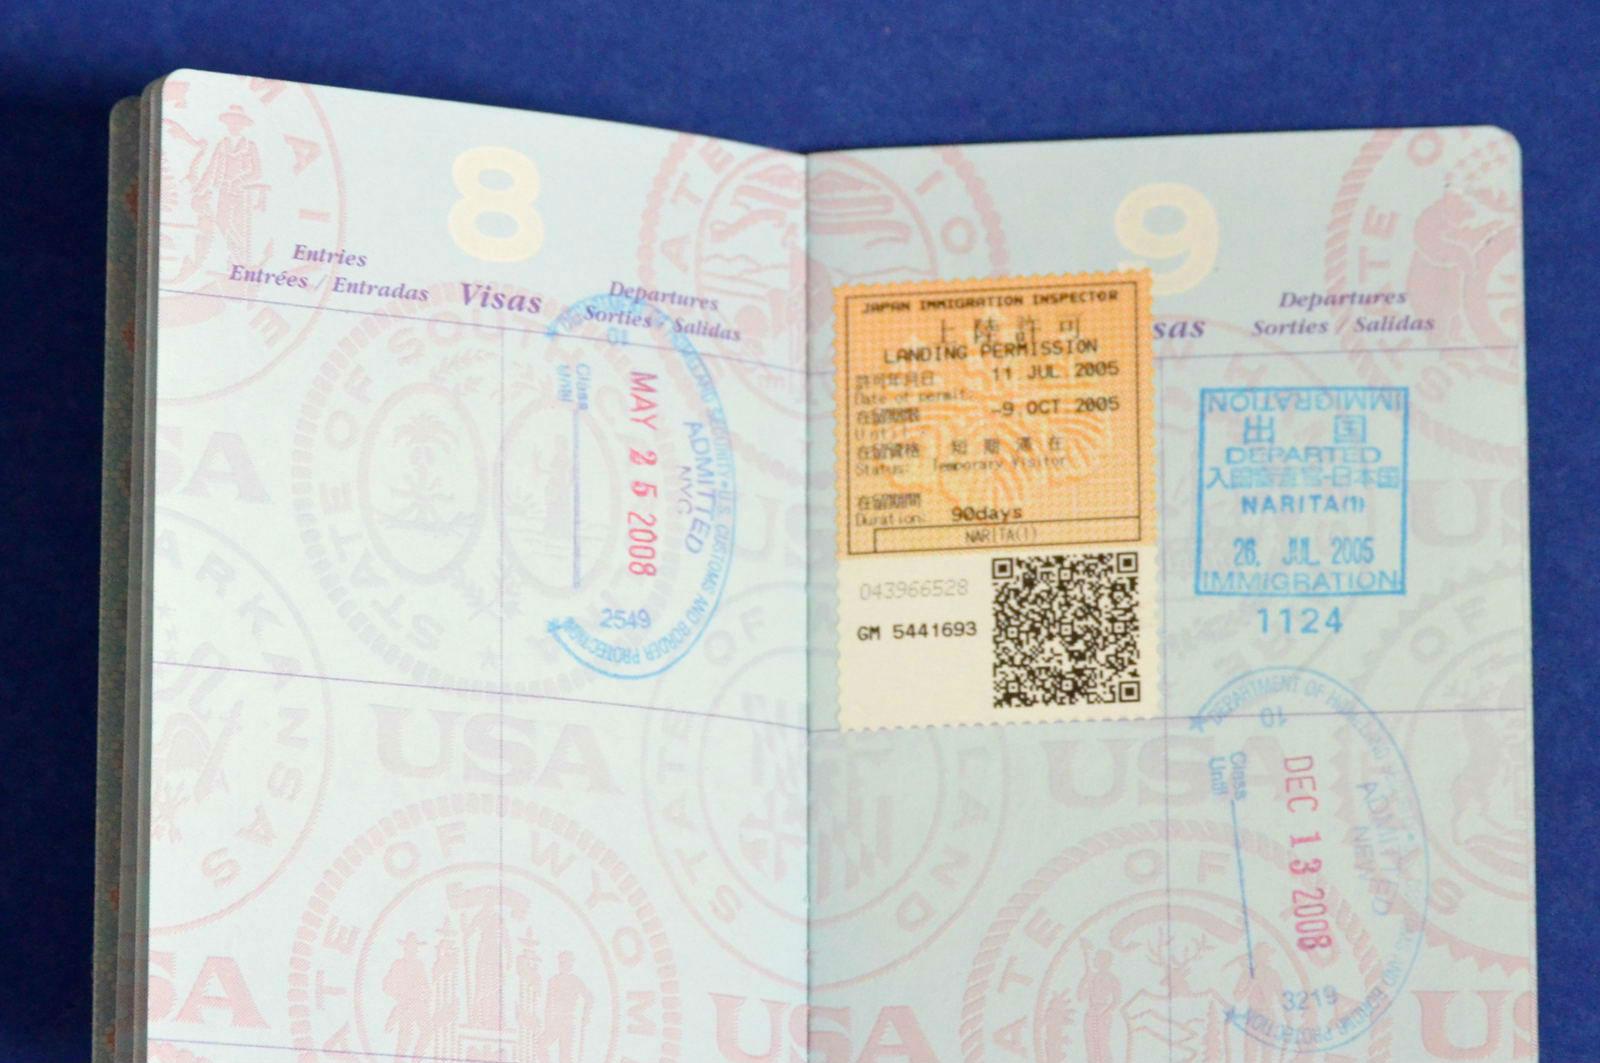 在留資格認定証明書のイメージ